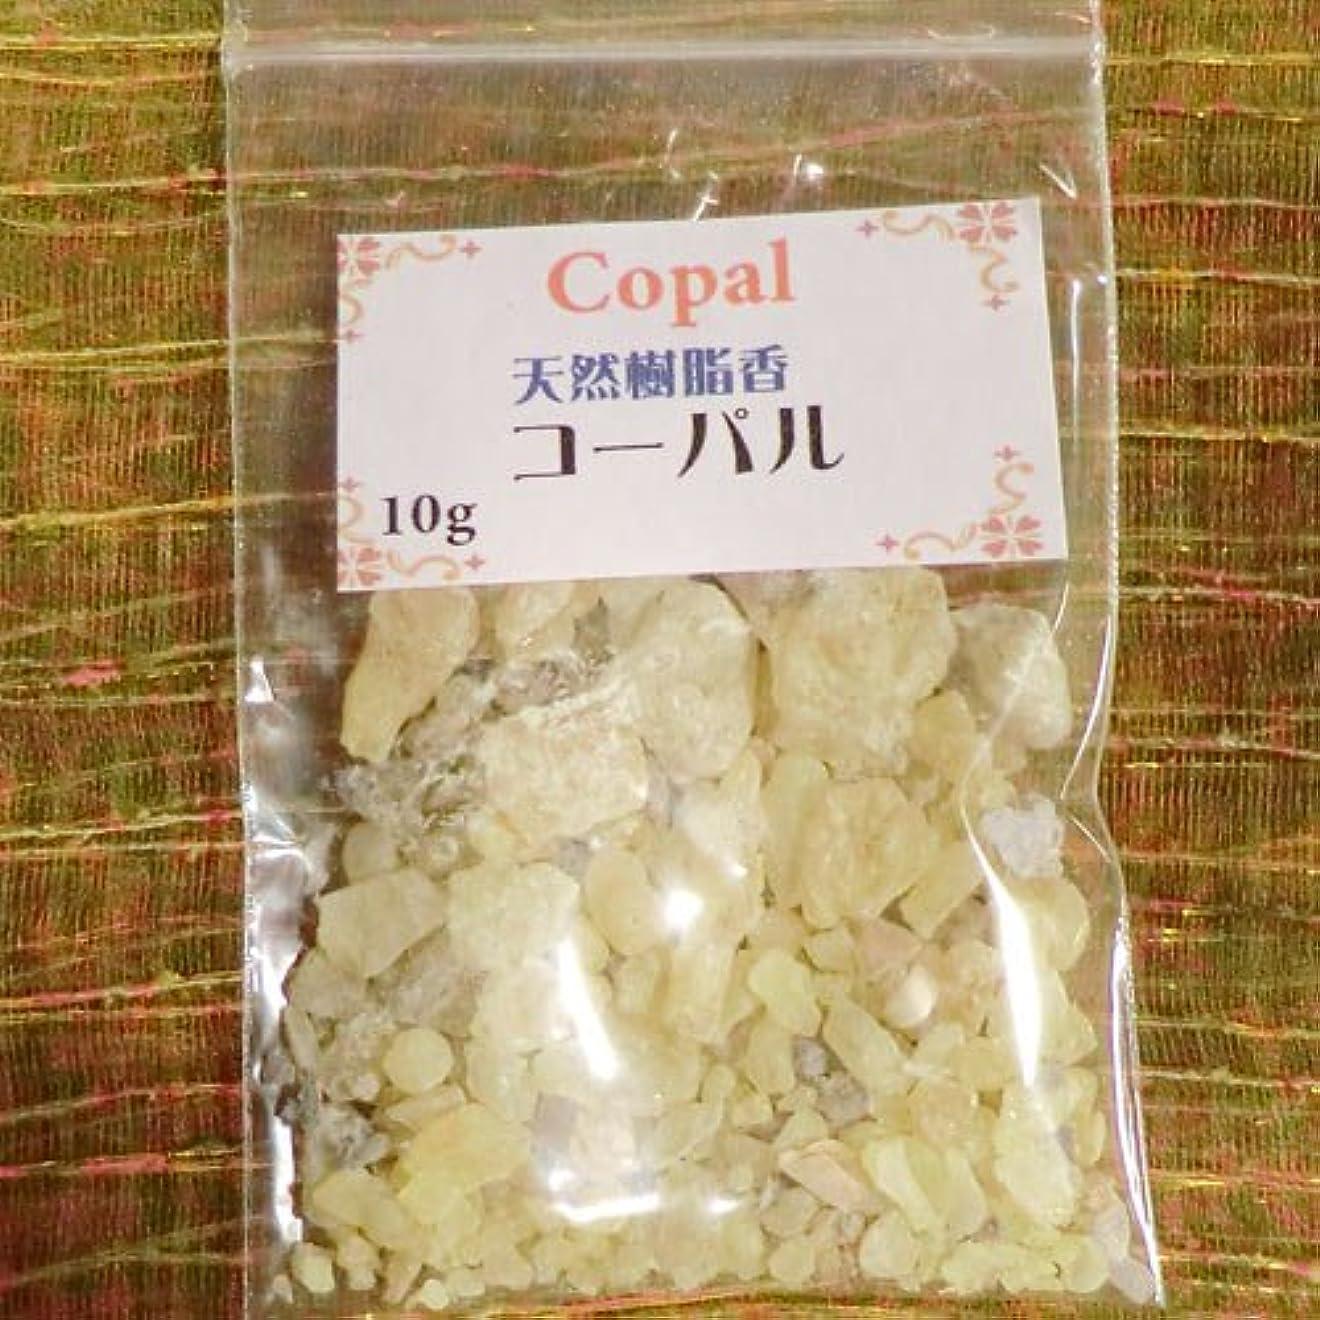 方向デンプシーからかうコーパル COPAL (天然樹脂香) (コーパル, 10g)